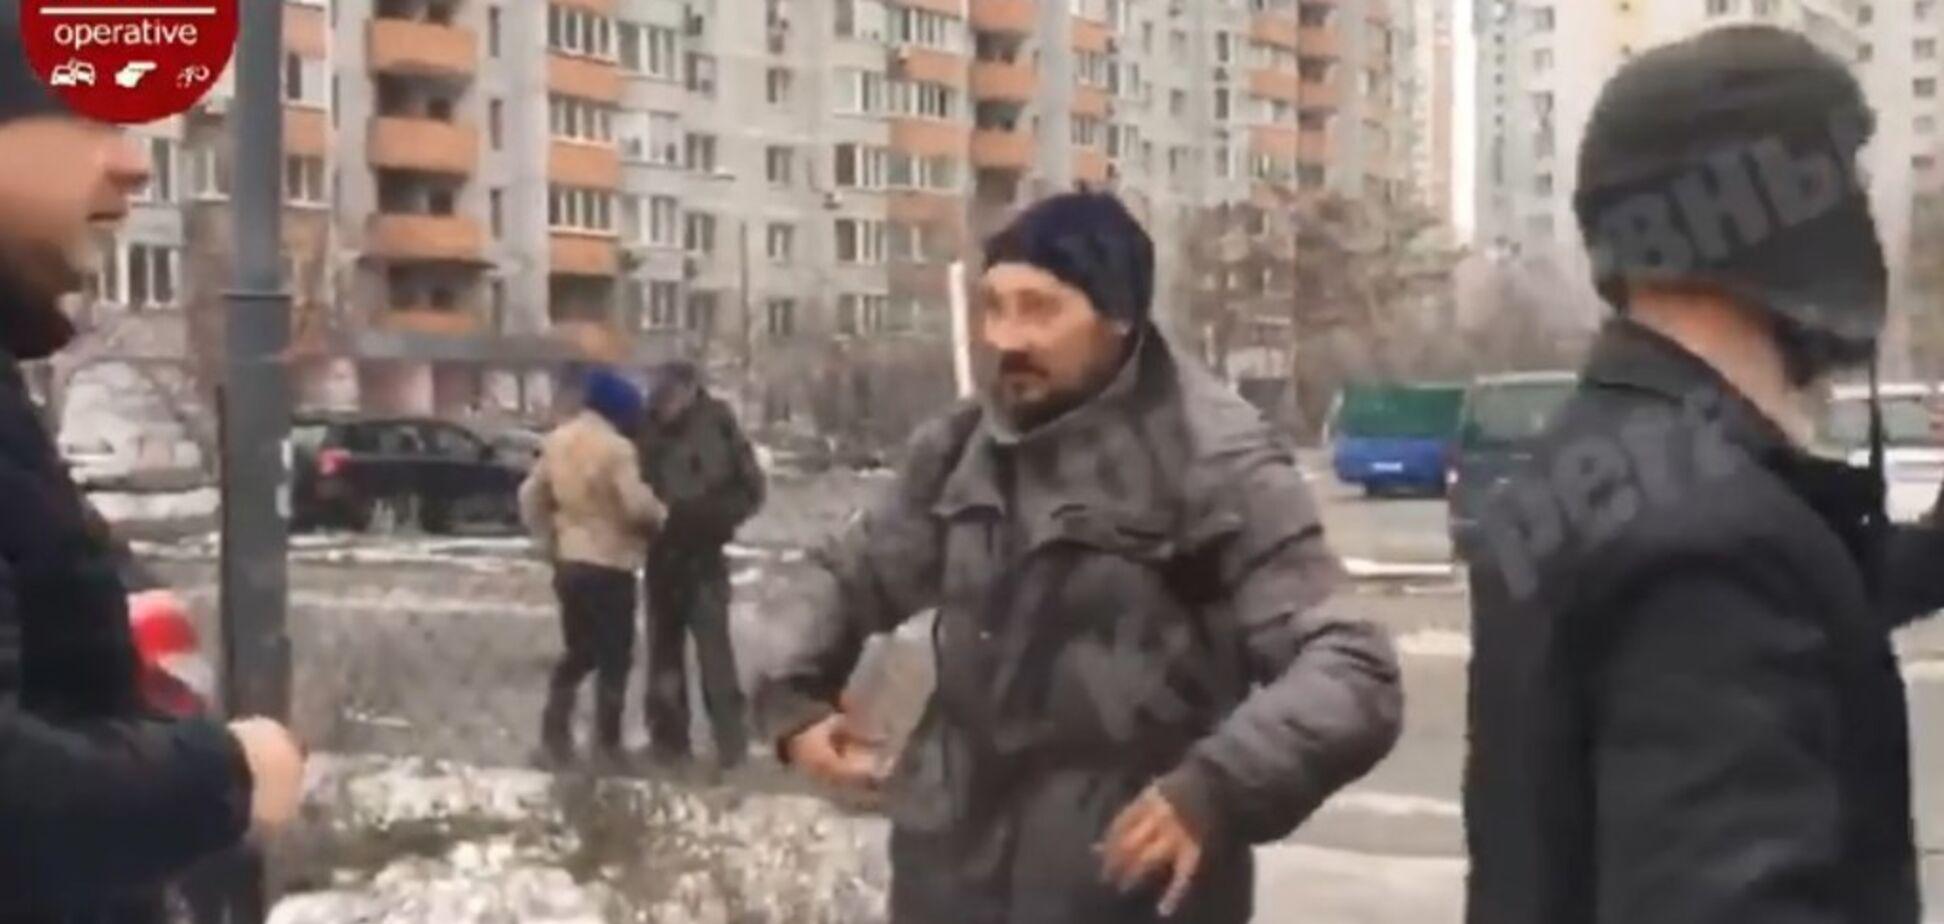 ''Вистрілив у коліно і голову'': у Києві трапилася сутичка через звинувачення у крадіжці